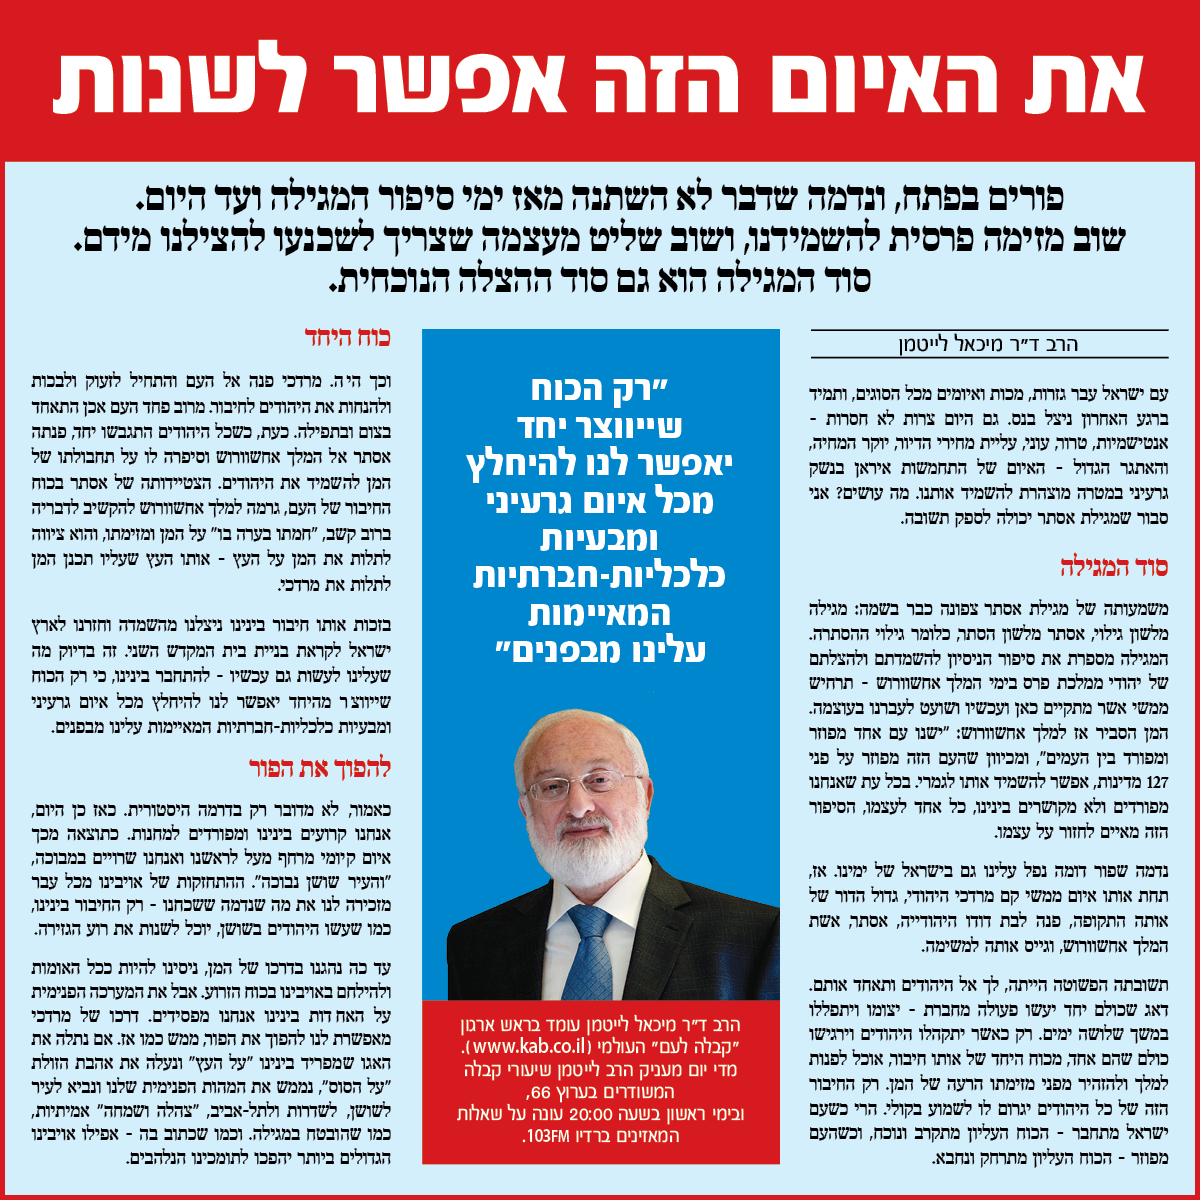 מיכאל לייטמן - ישראל היום